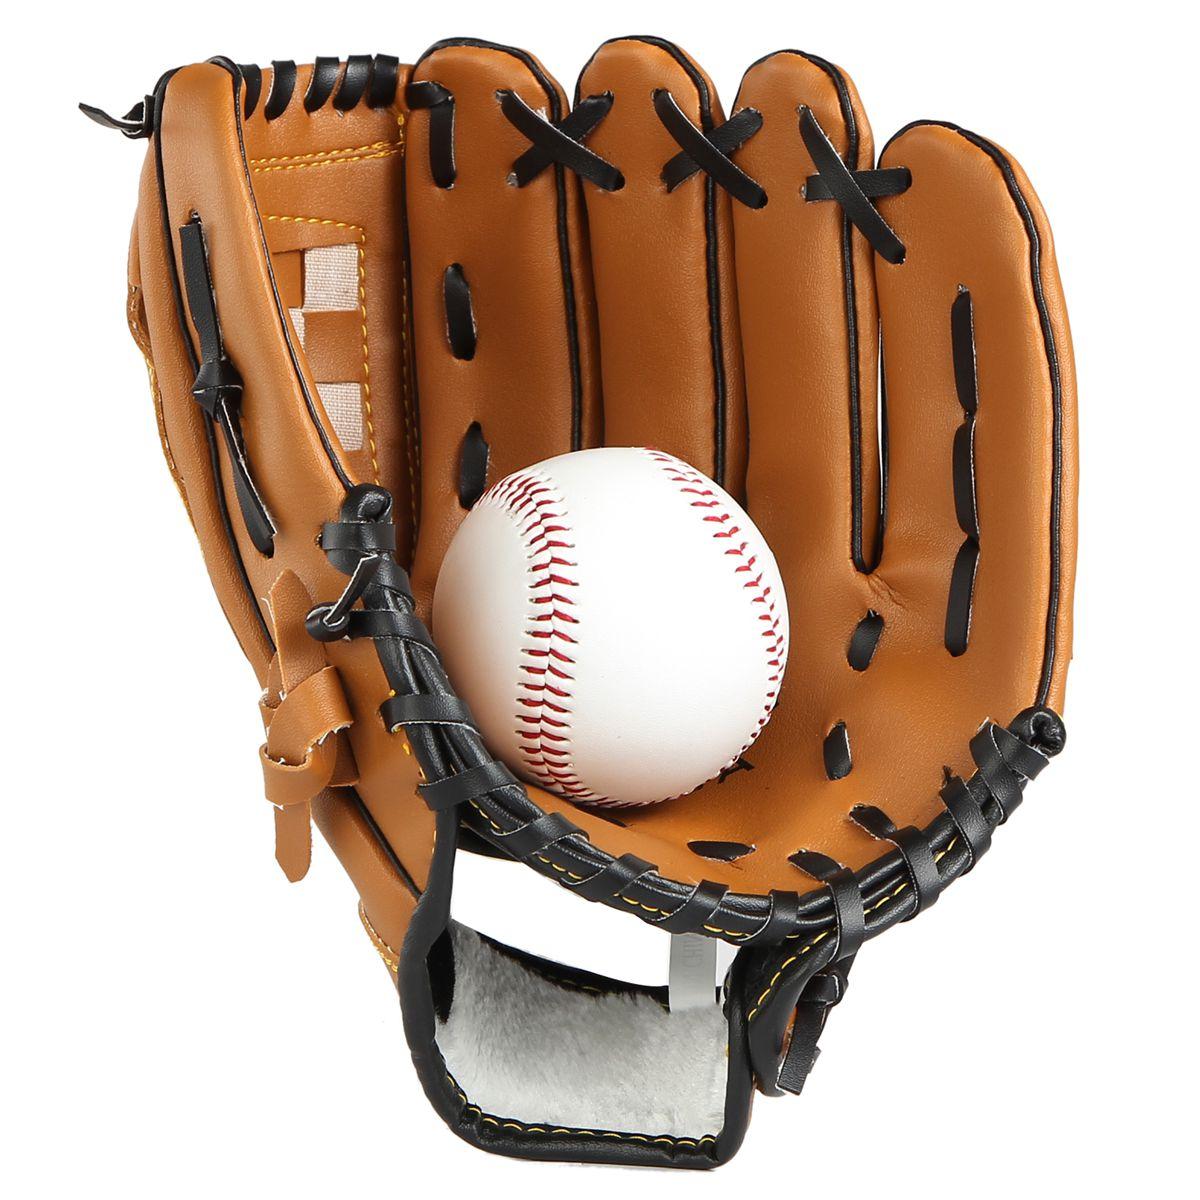 Бесплатная доставка по китаю в подарок бейсбол утепленный Бейсбол Infield pitcher перчатки софтбол перчатки детские Несовершеннолетний взрослый полностью стиль